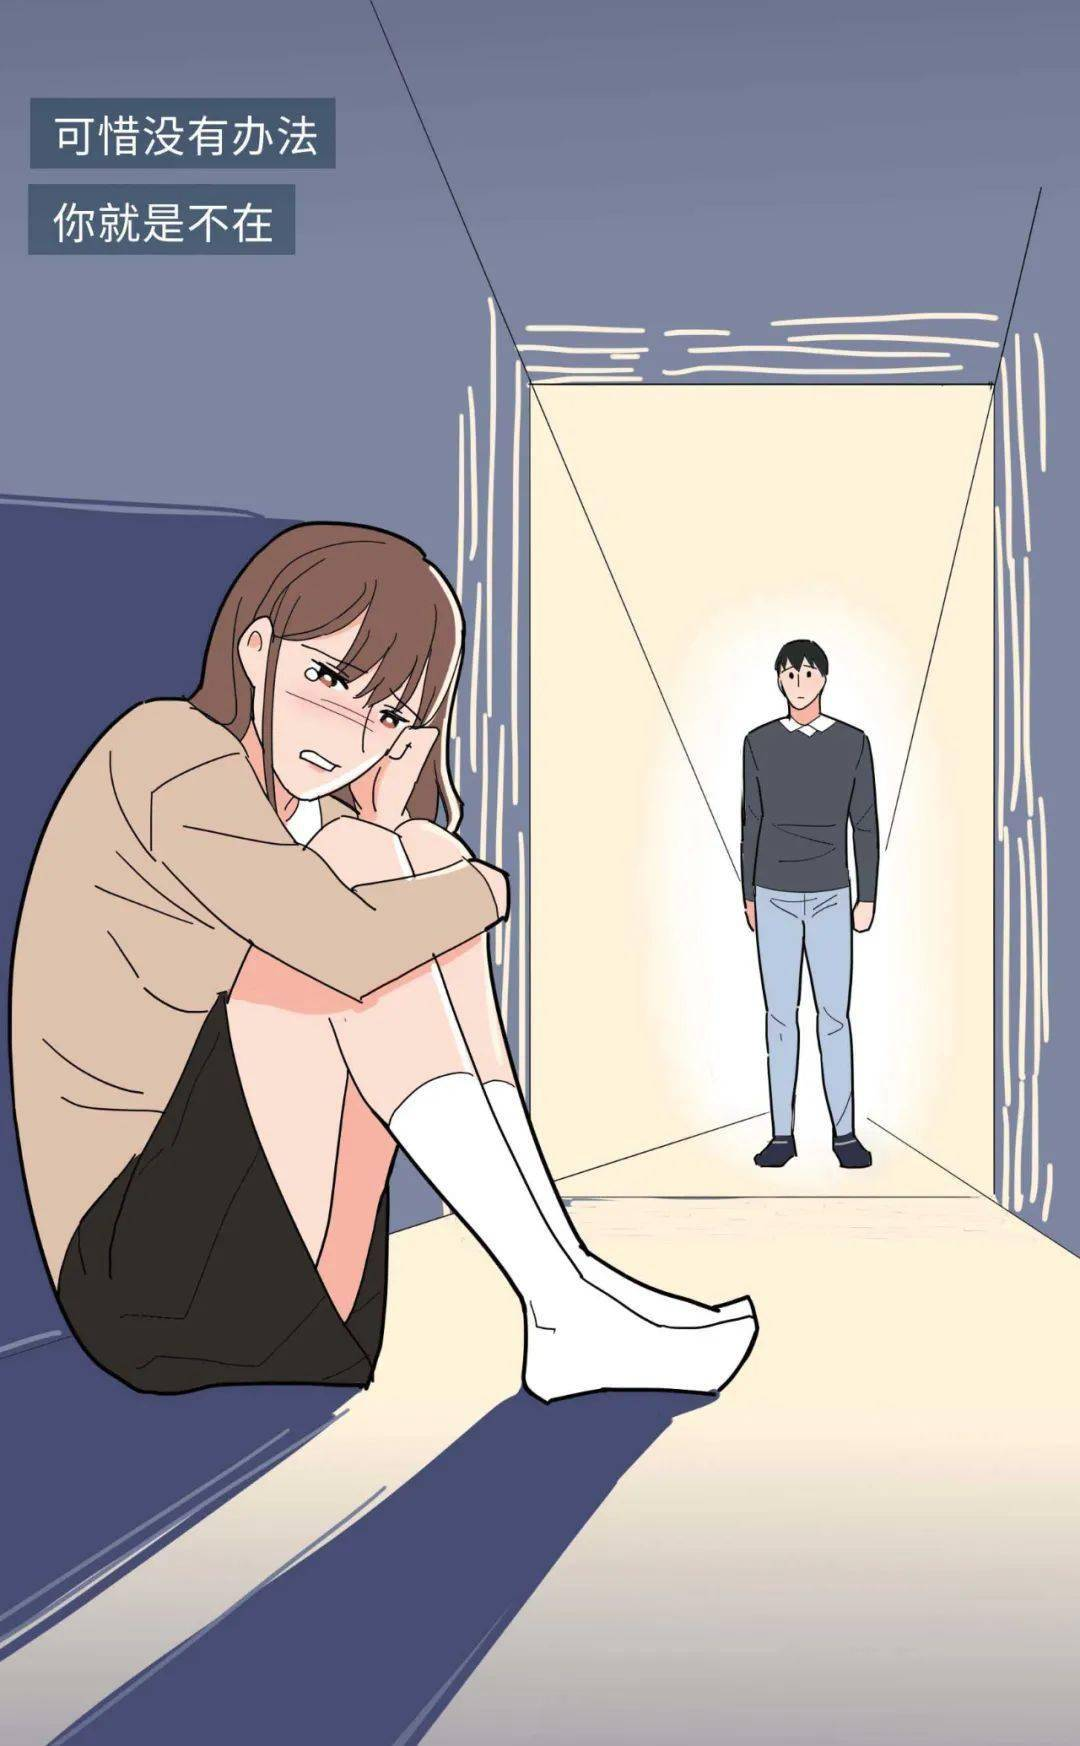 情侣多久吵架一次正常 情侣一个月吵架几次正常